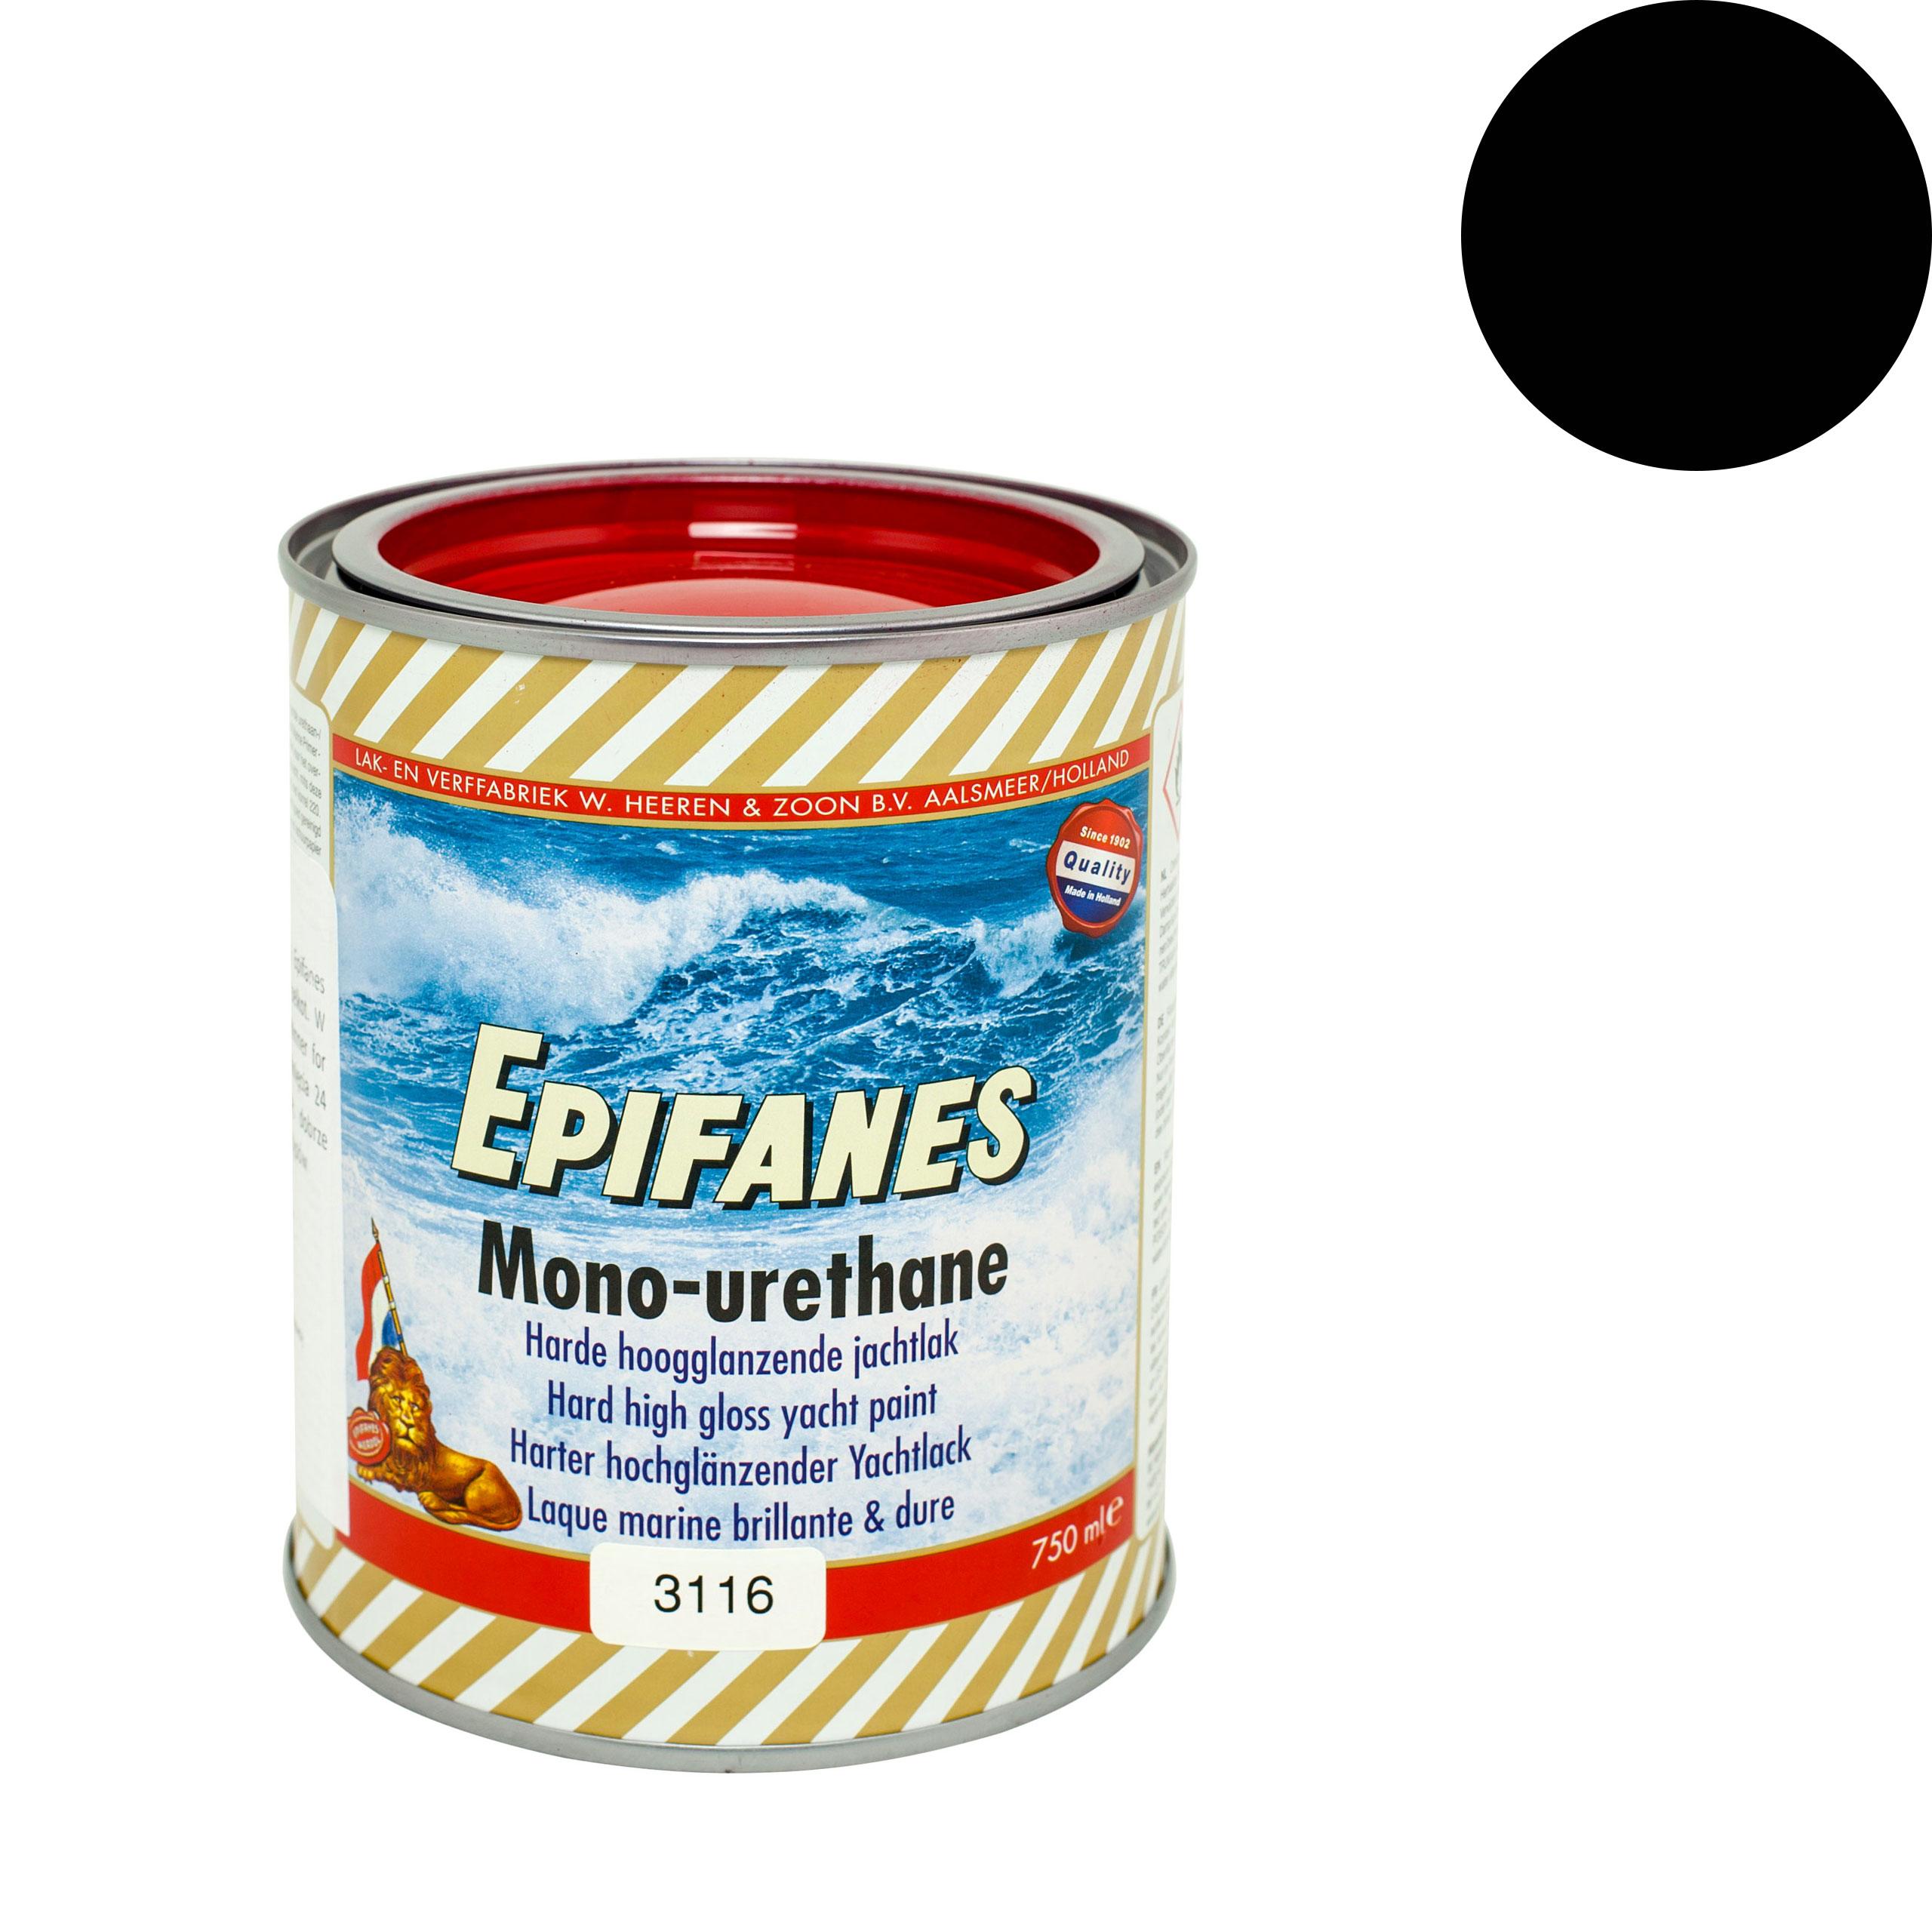 EPIFANES pevný farba člny, jachty, čierna